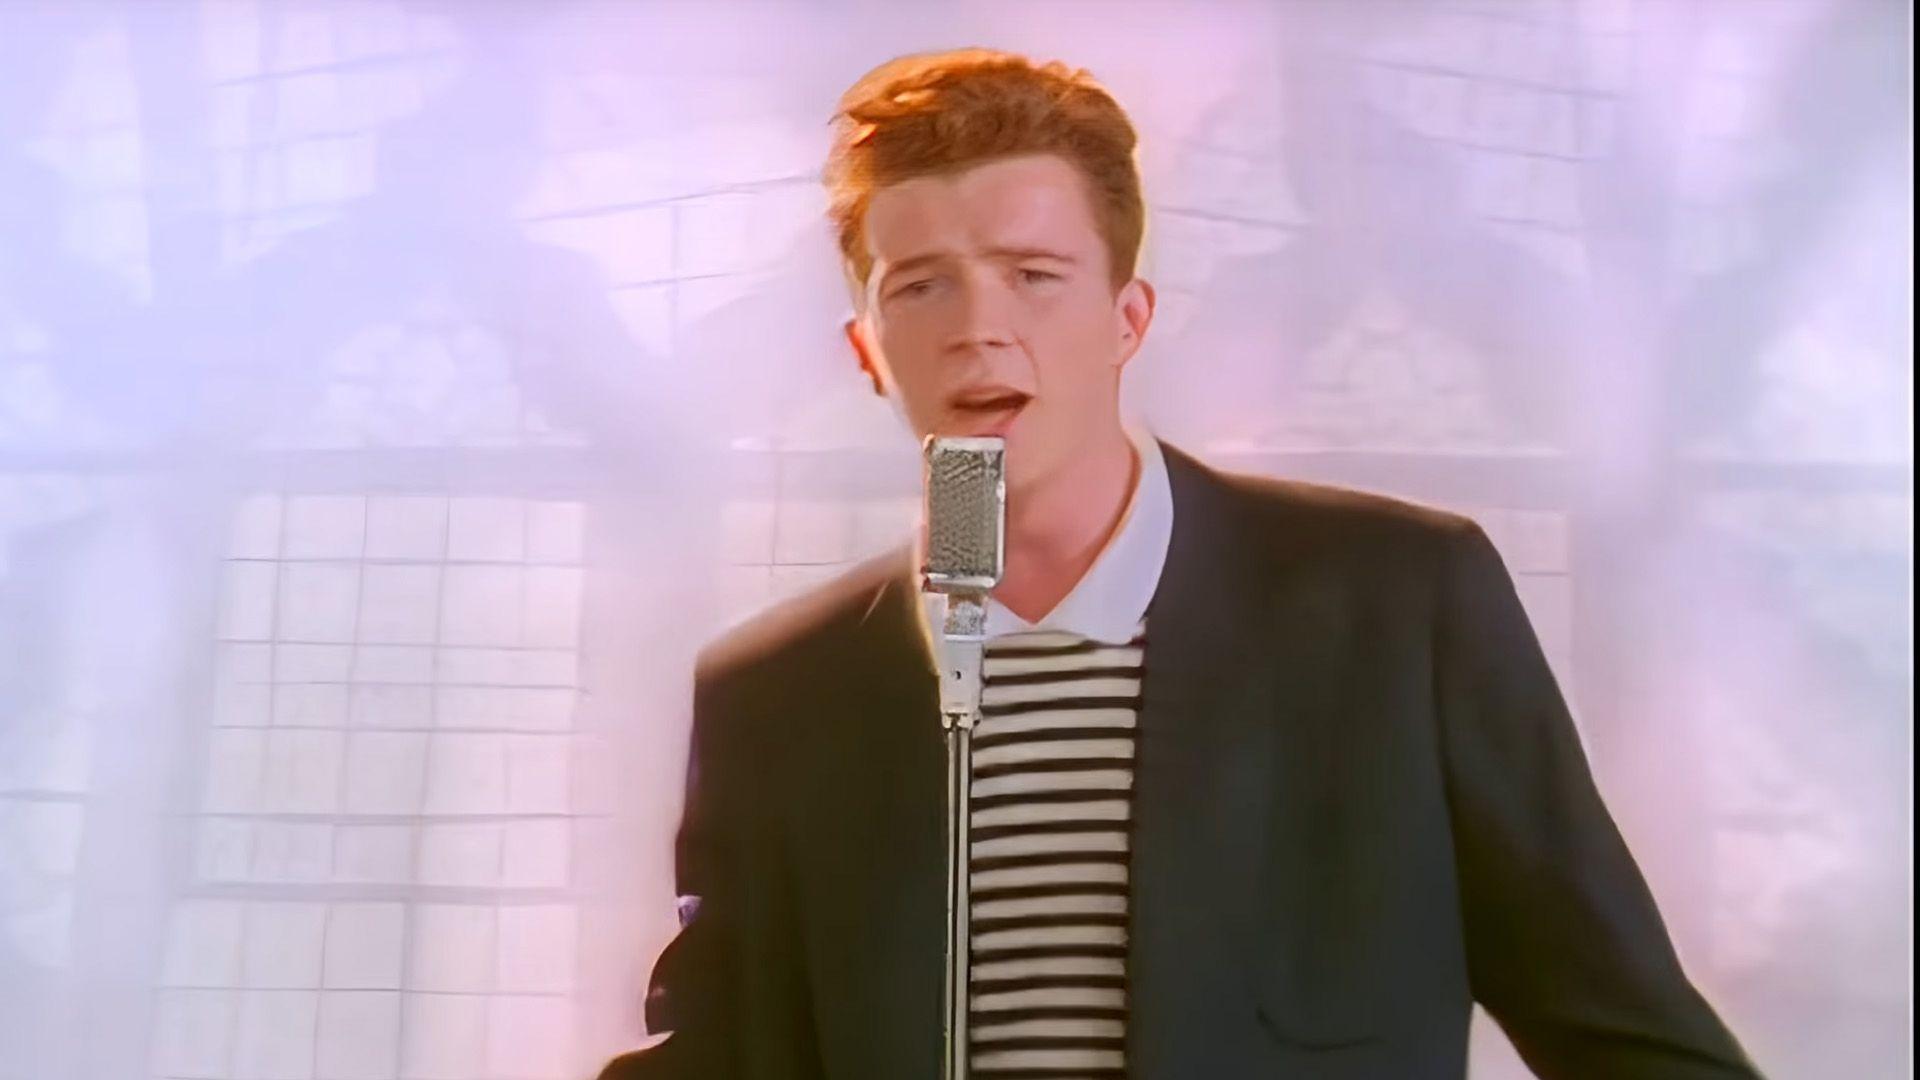 """Заради шега: Клипът към песента """"Never Gonna Give You Up"""" на Рик Астли мина 1 млрд. гледания в YouTubе"""